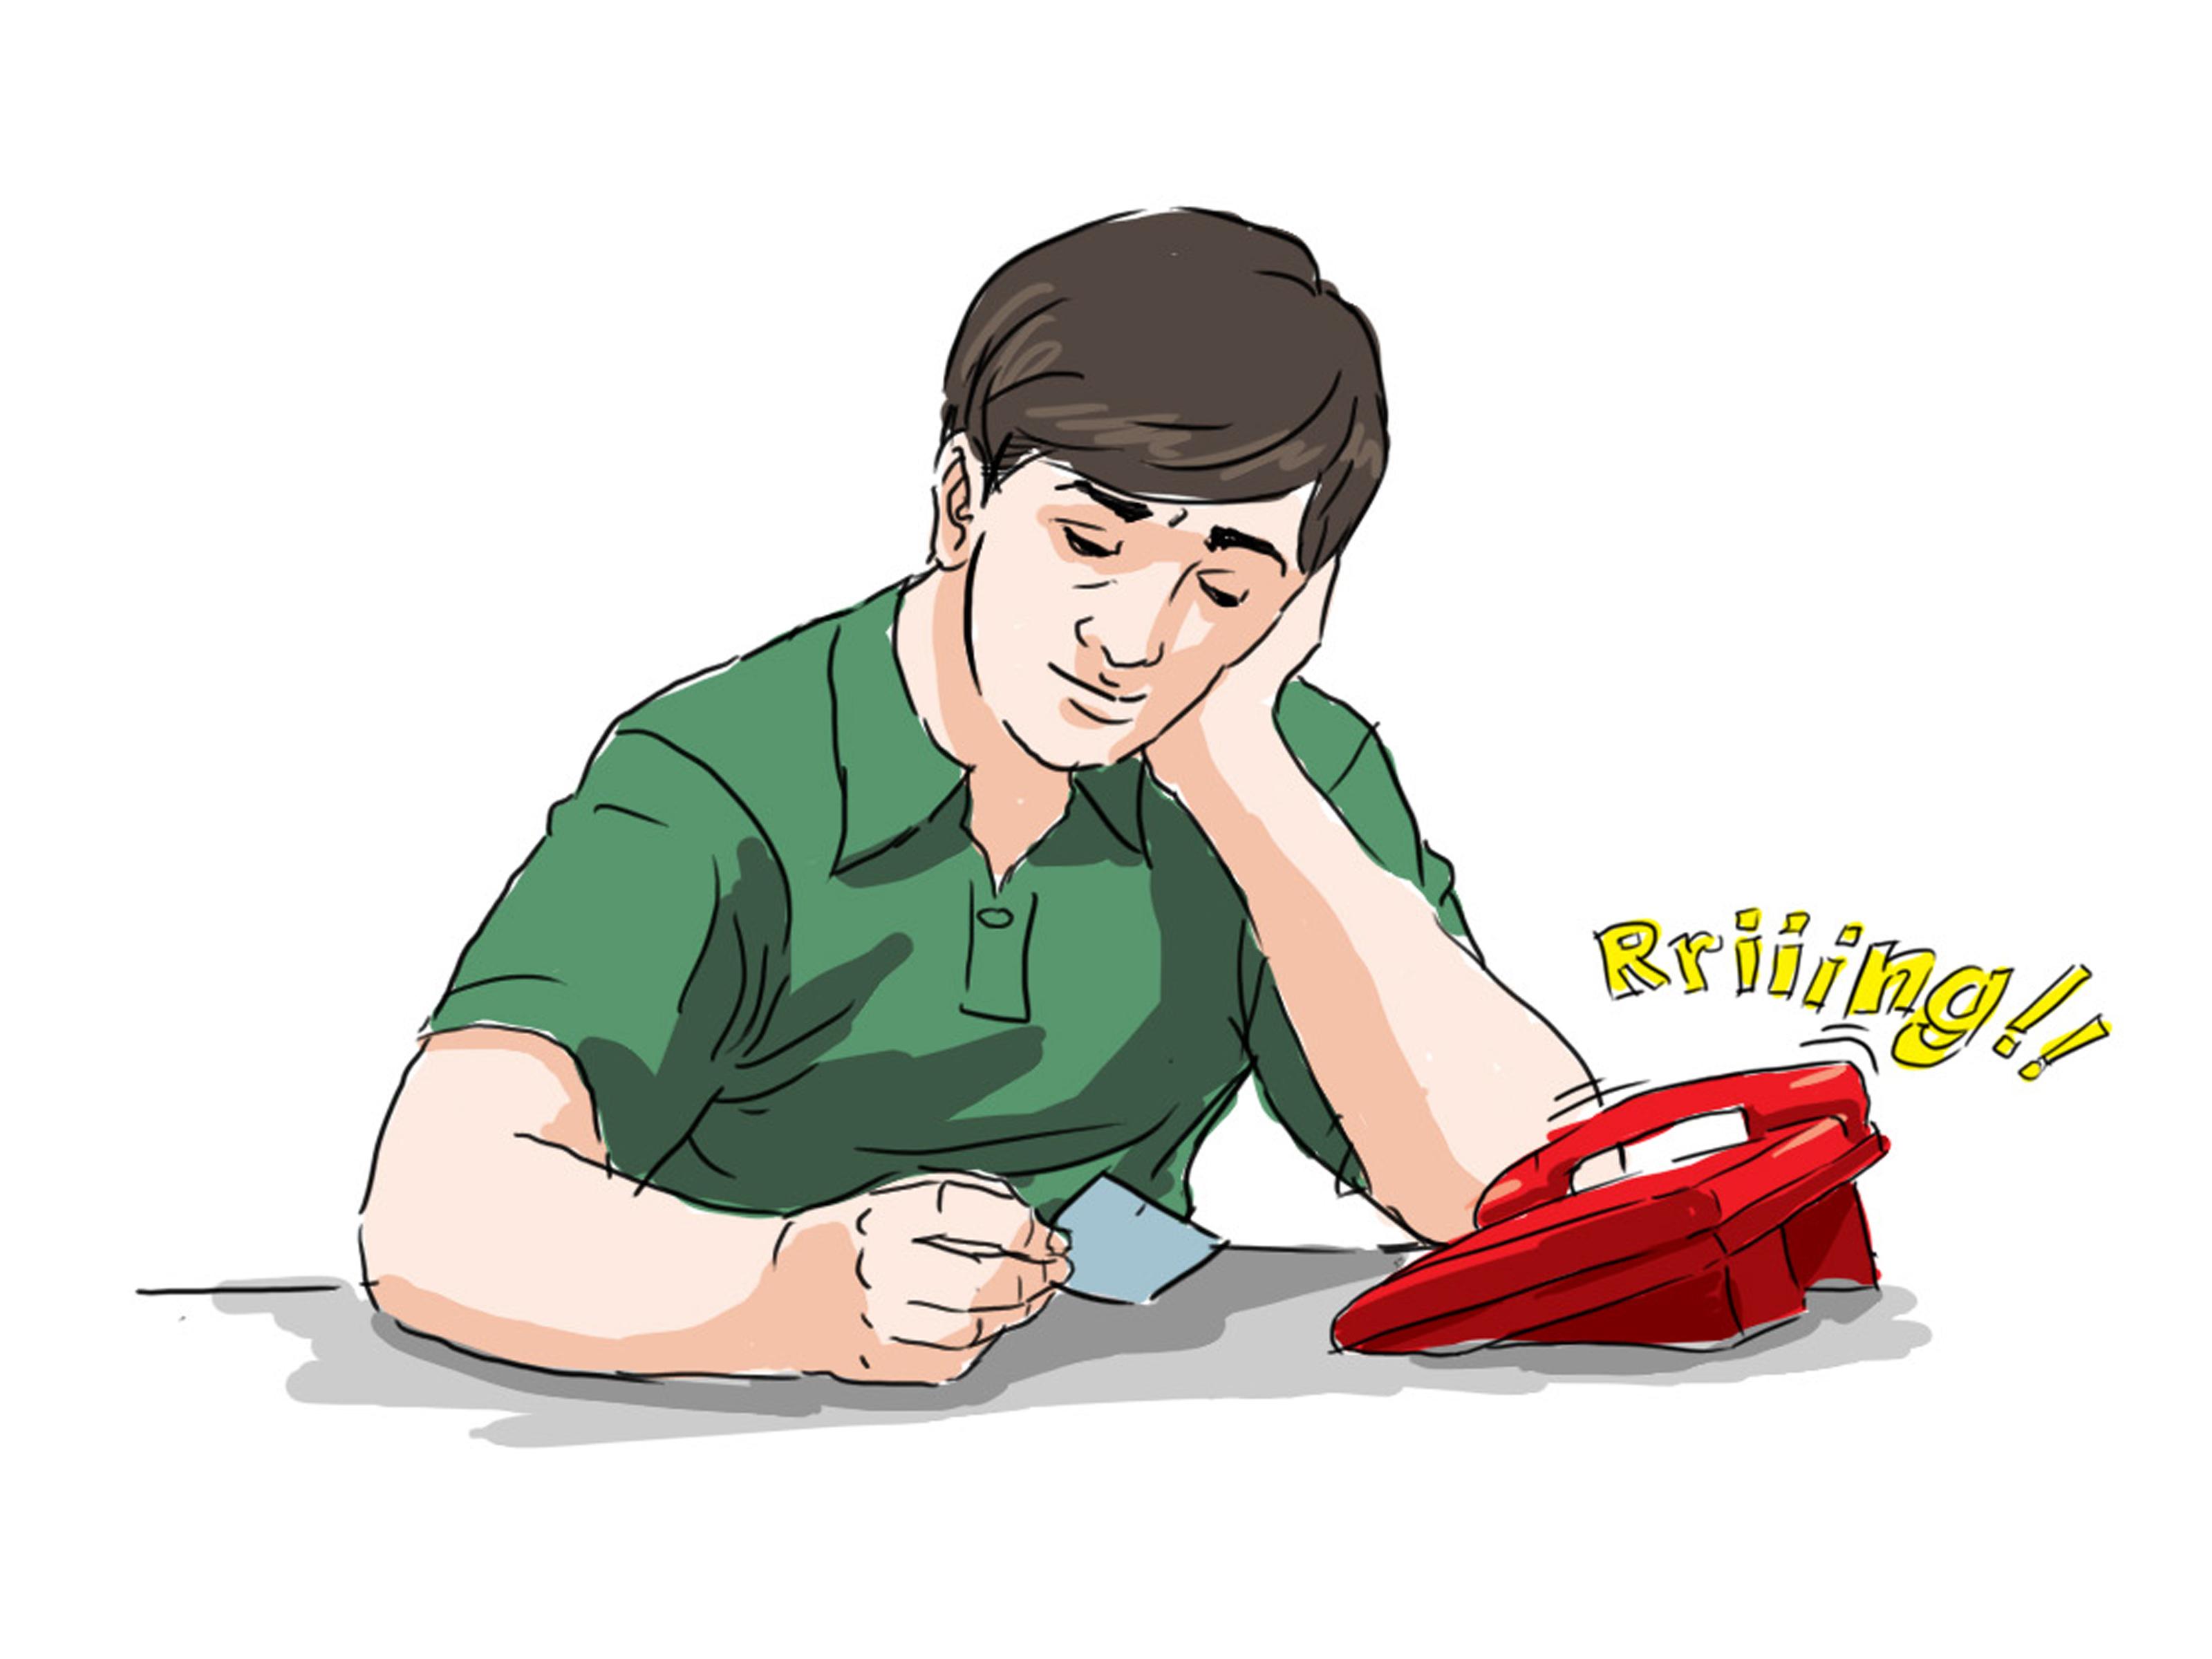 follow up job application after interview